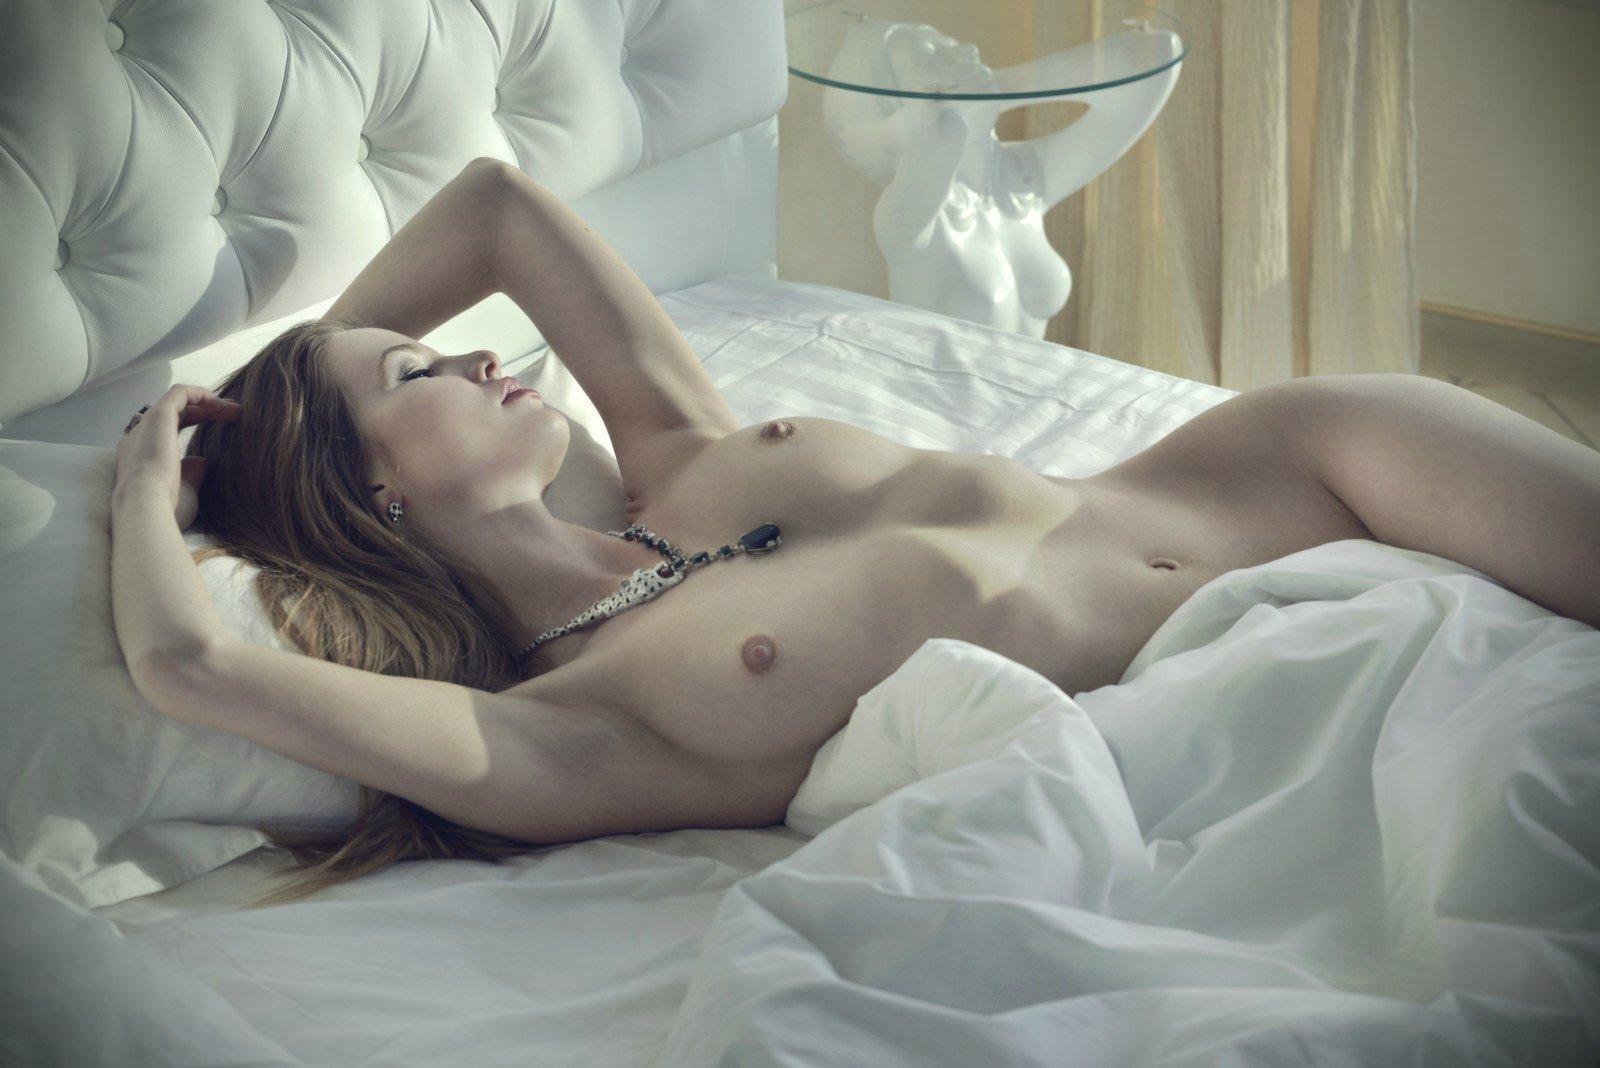 Утром в кровати голая, Видео Suzie Carina нежная голая девушка нежится 23 фотография